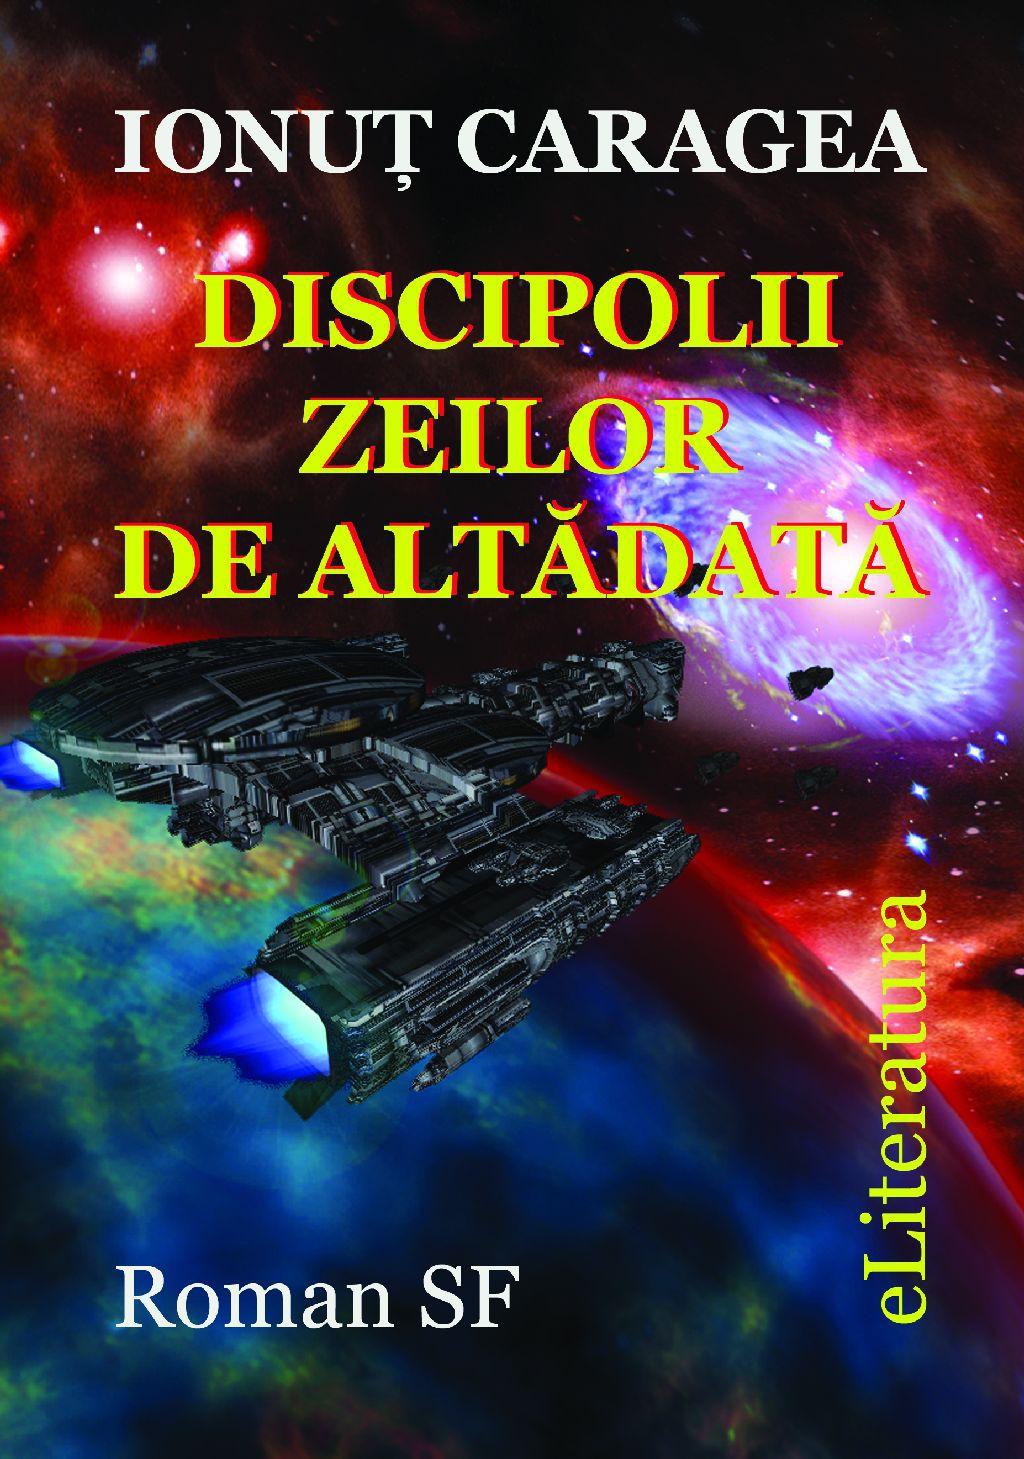 discipolii-zeilor-de-altadata_1_fullsize